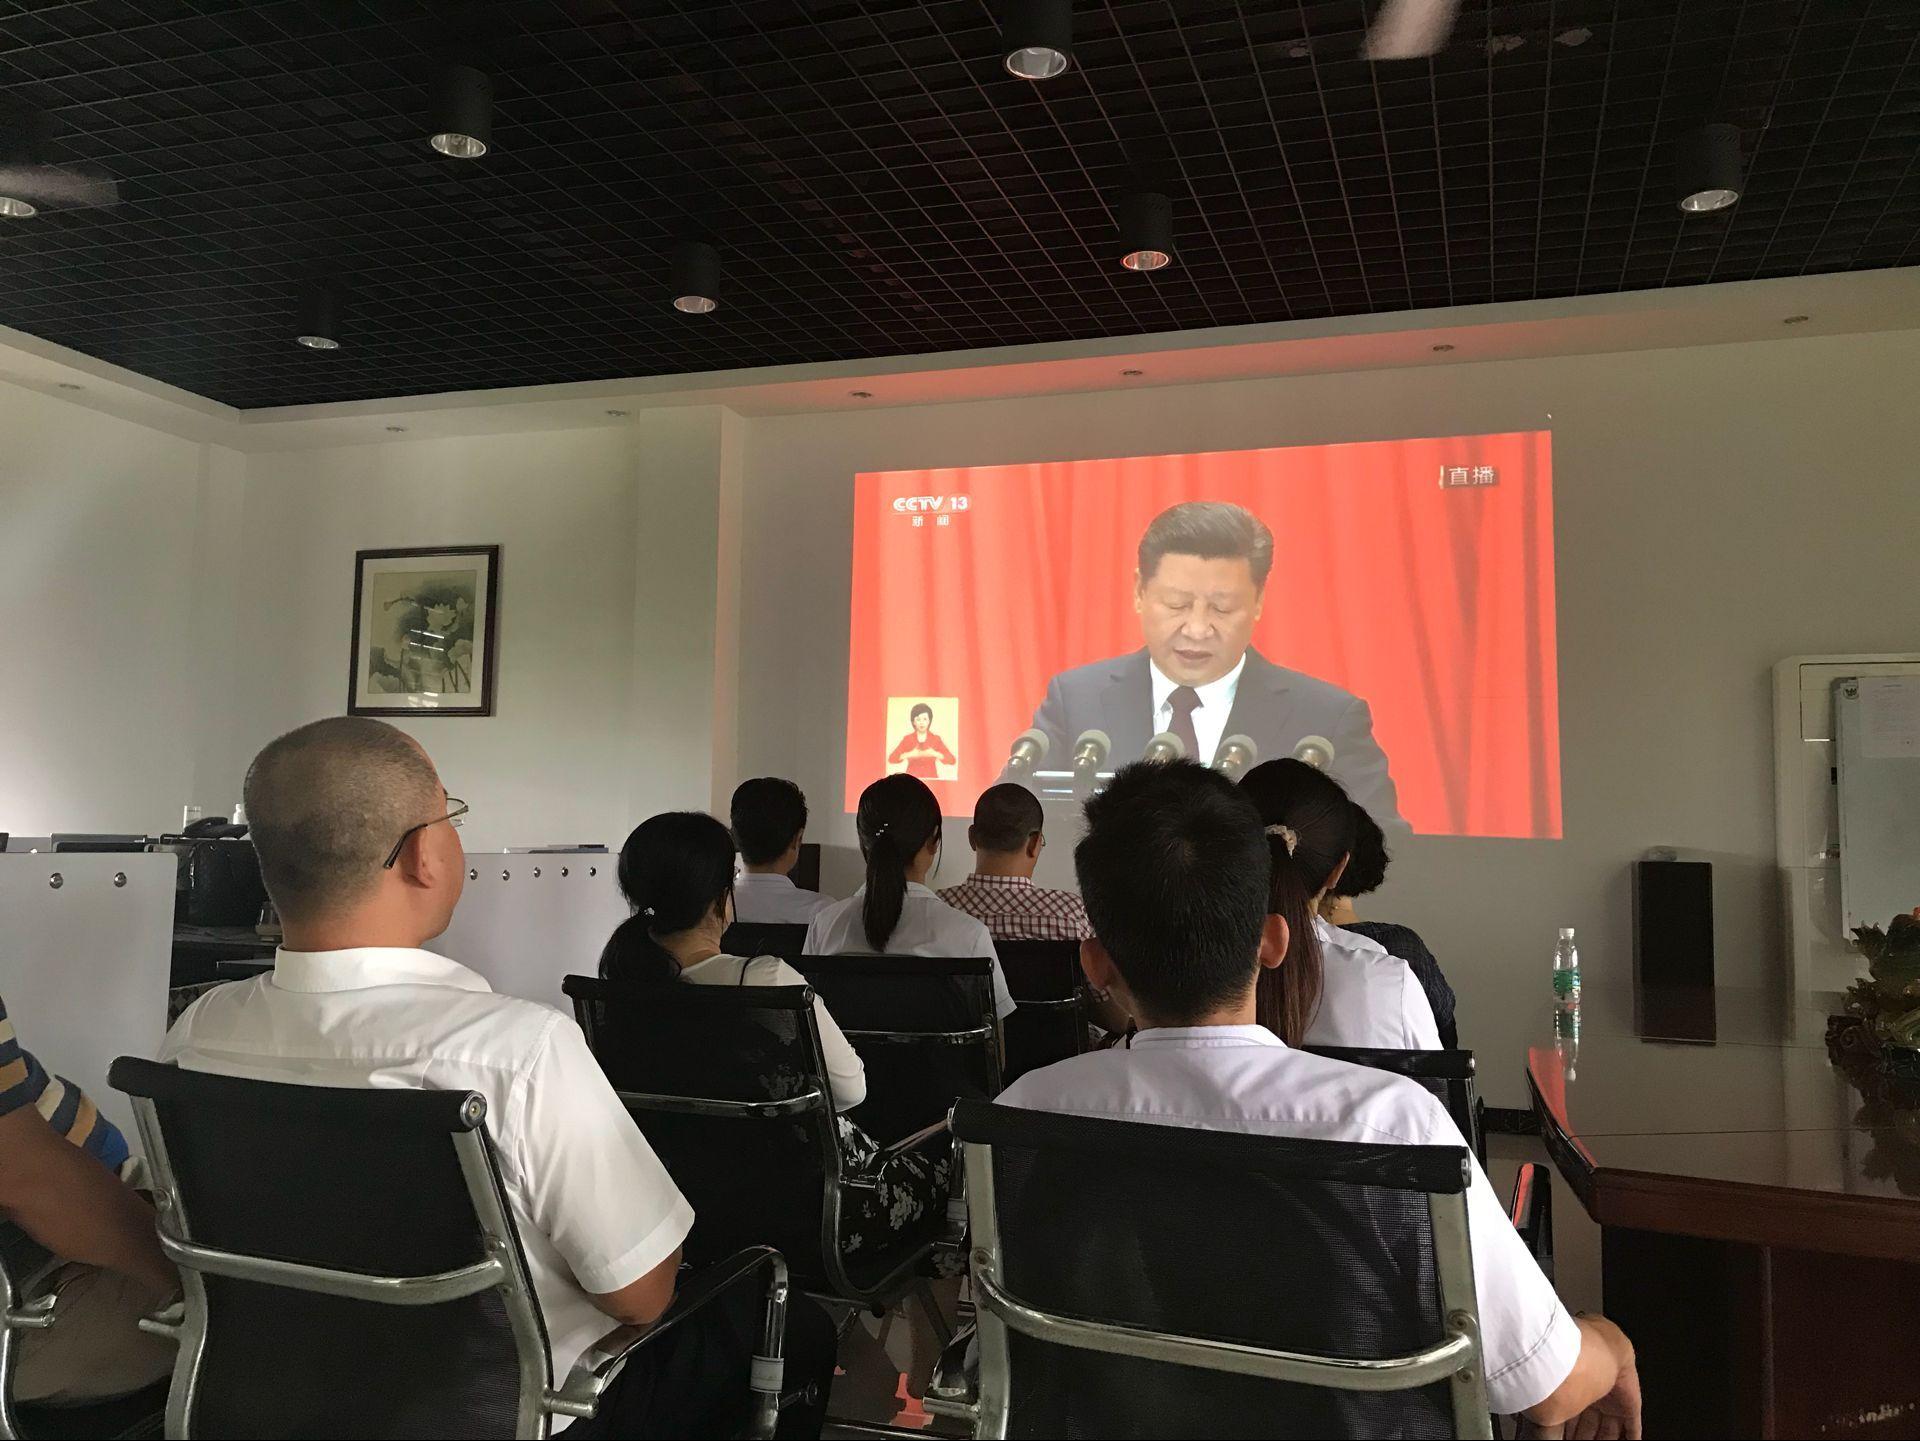 10月18日上午,十九大勝利召開,公司組織在司黨員干部和高管學習習總書記報告。